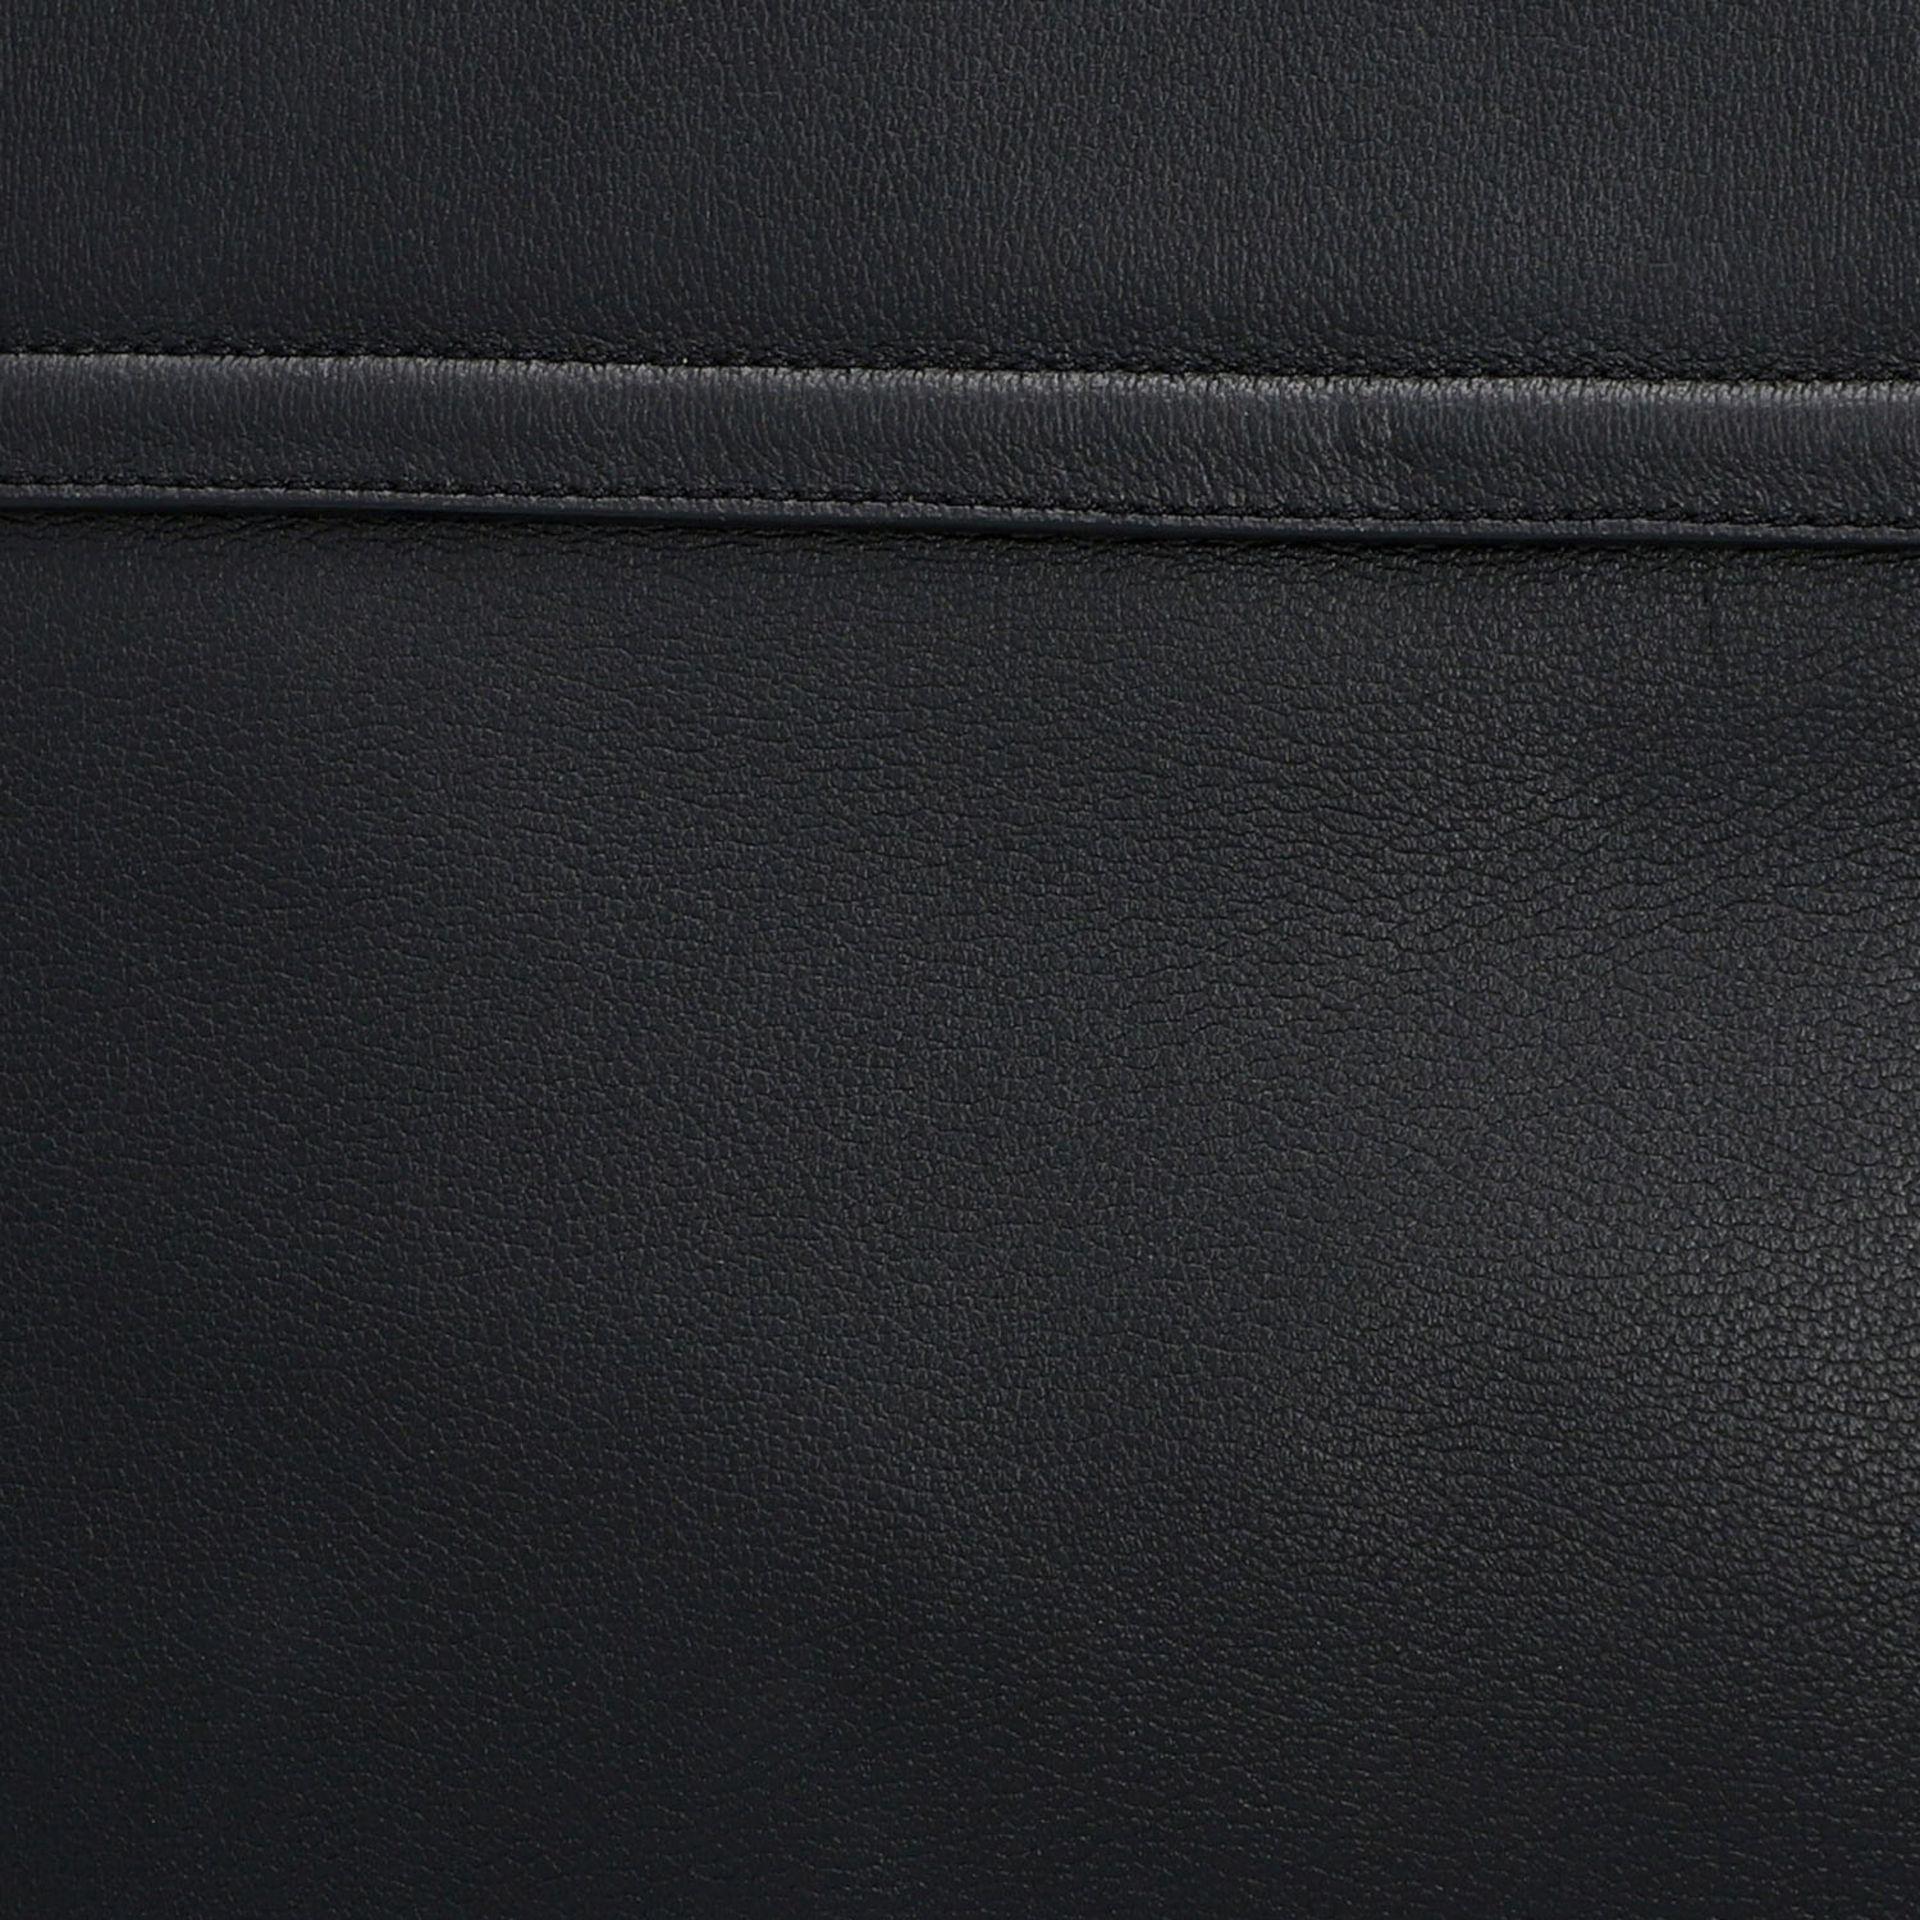 TOM FORD Clutch, NP. ca.: 1.900,-€. Schwarzes Leder mit Reißverschluss Außenfach a - Image 6 of 7